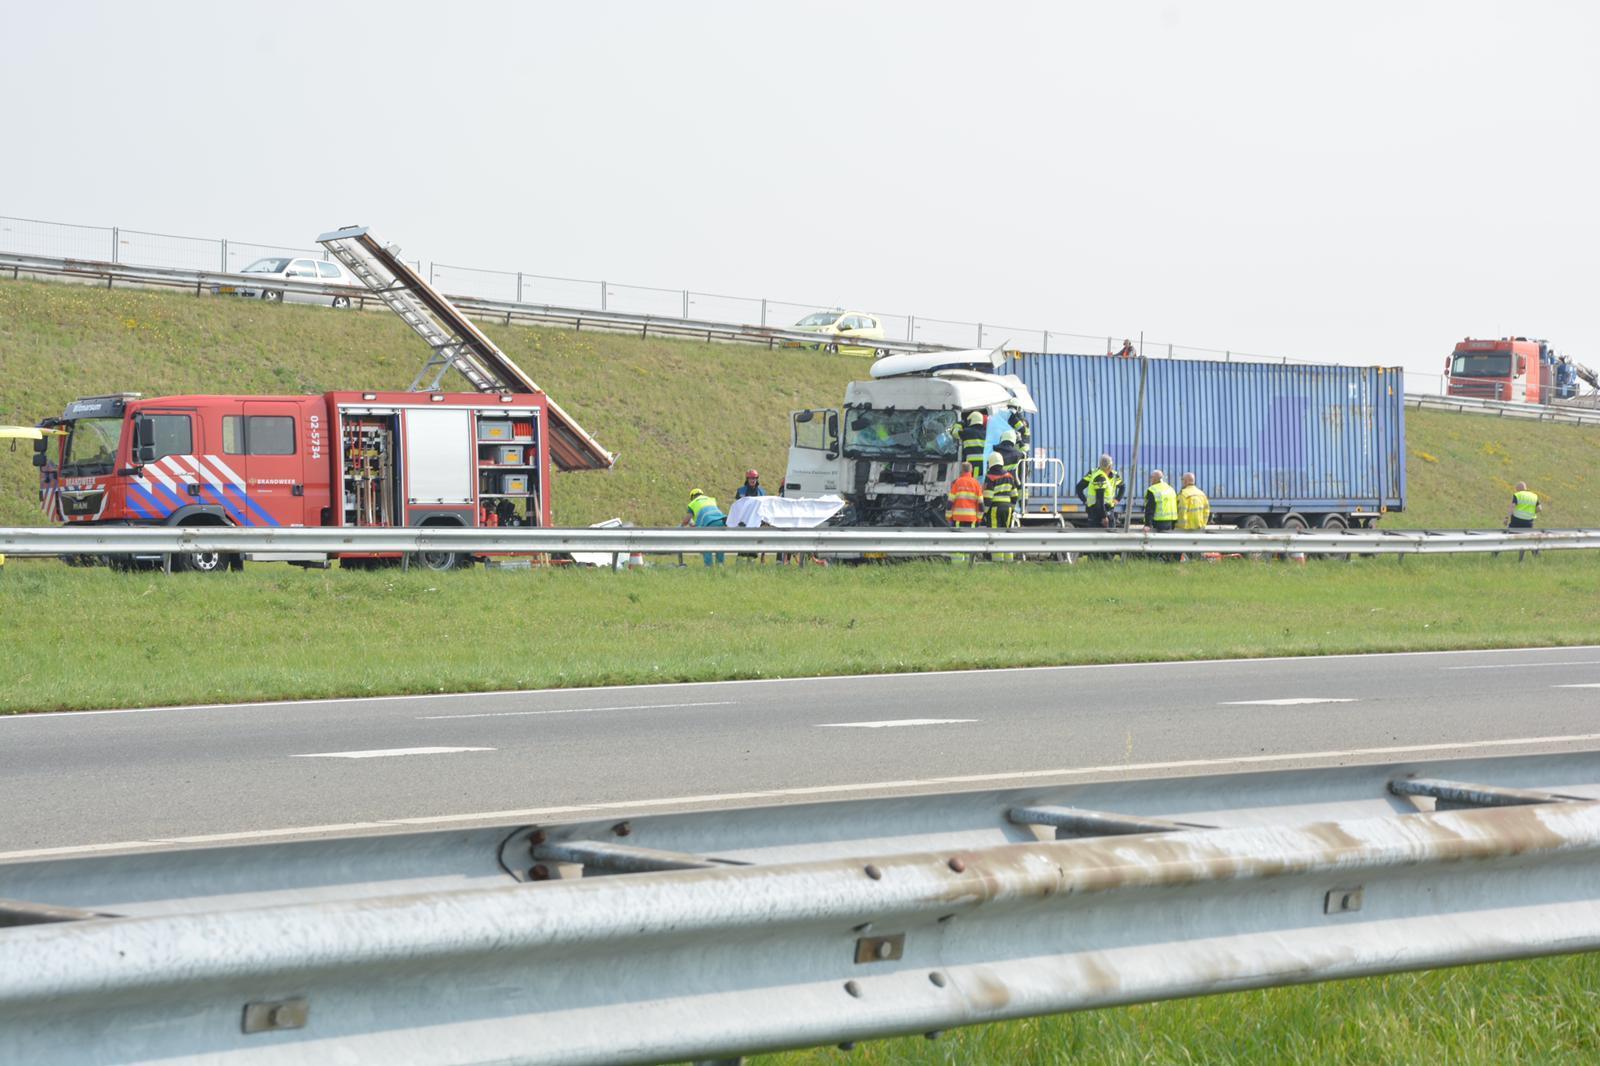 Ongeval met twee vrachtwagens op Afsluitdijk, traumaheli ingezet